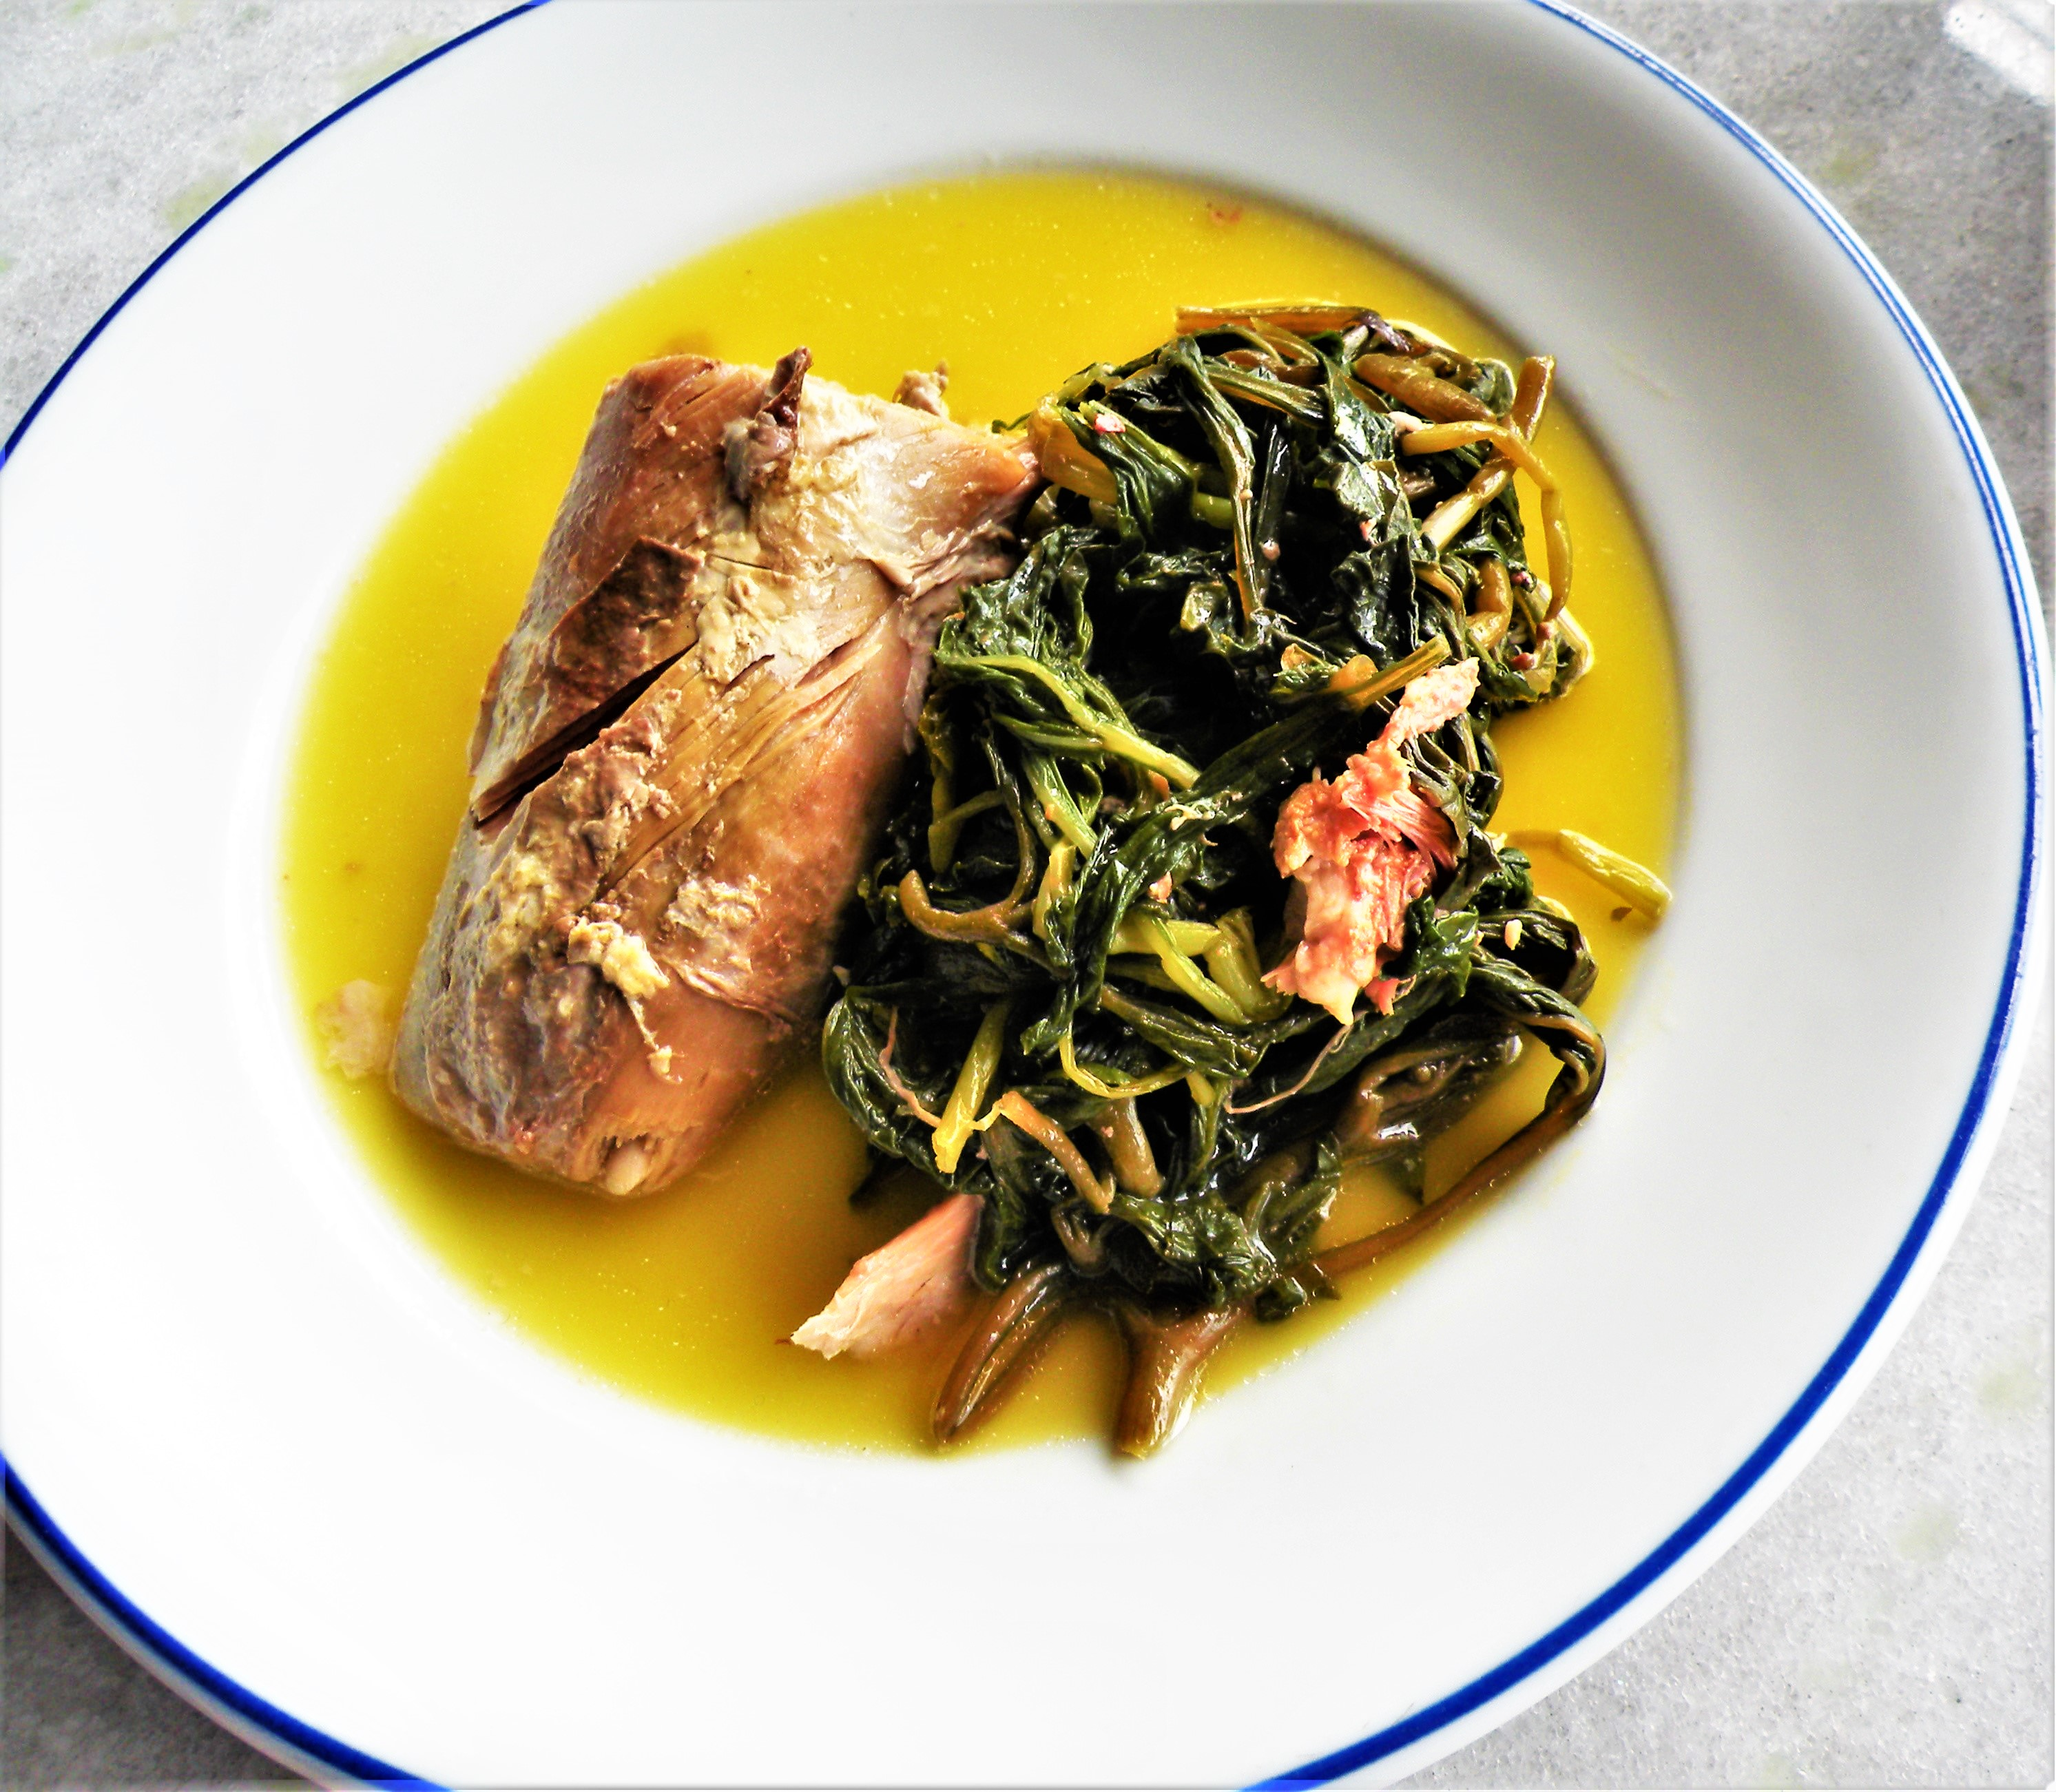 Em Gilberto Freyre a comida é um método